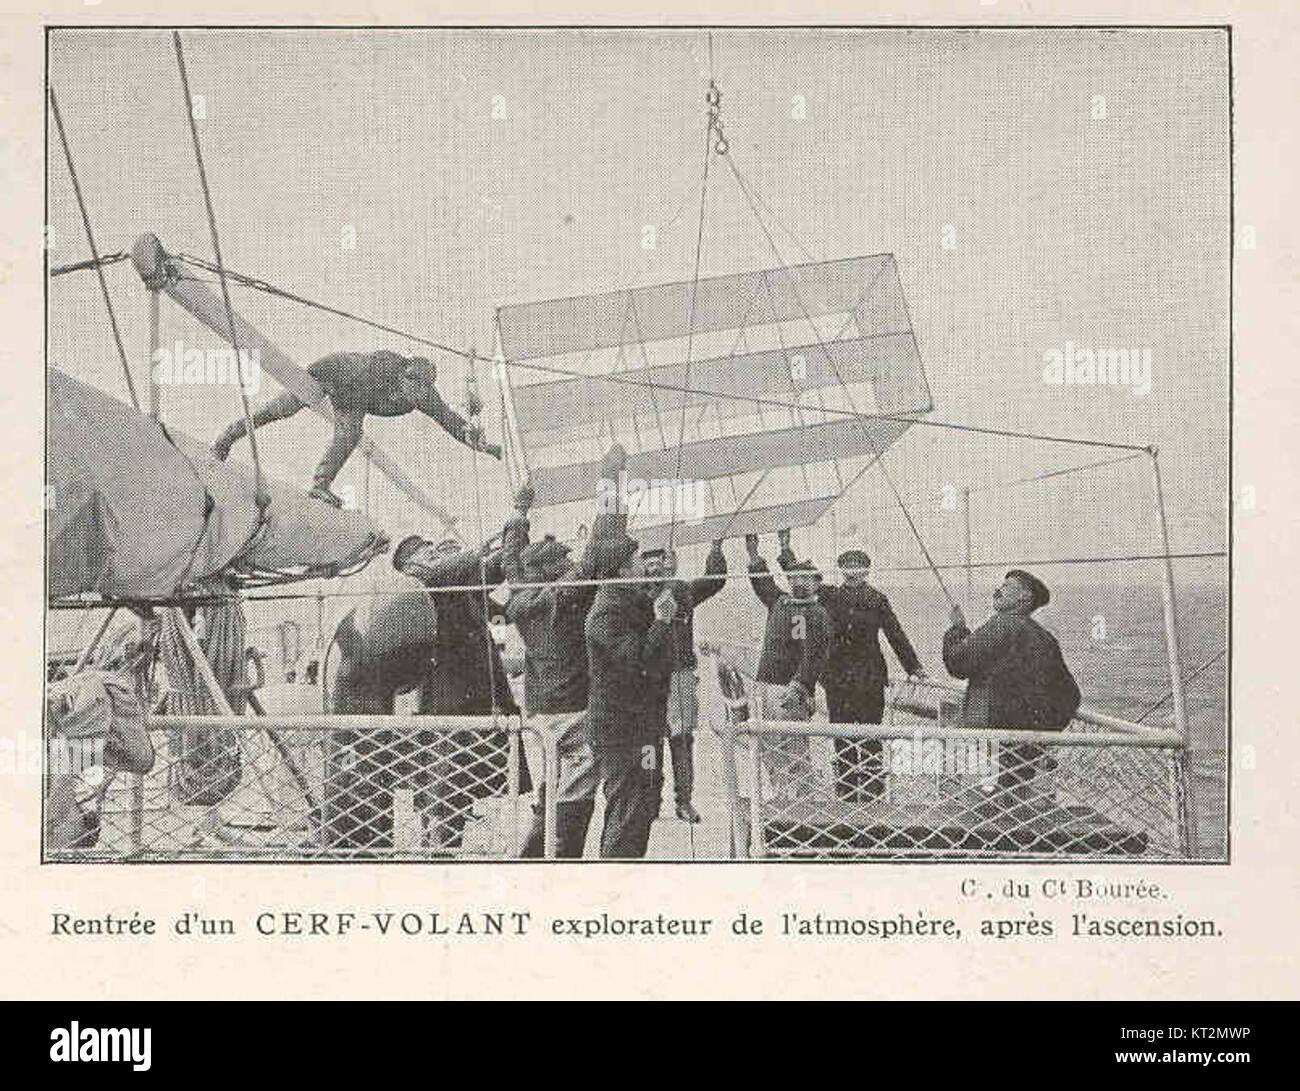 36786 Rentree d'un Cerf-Volant Explorateur de l'Atmosphere, Apres l'Ascension Stock Photo